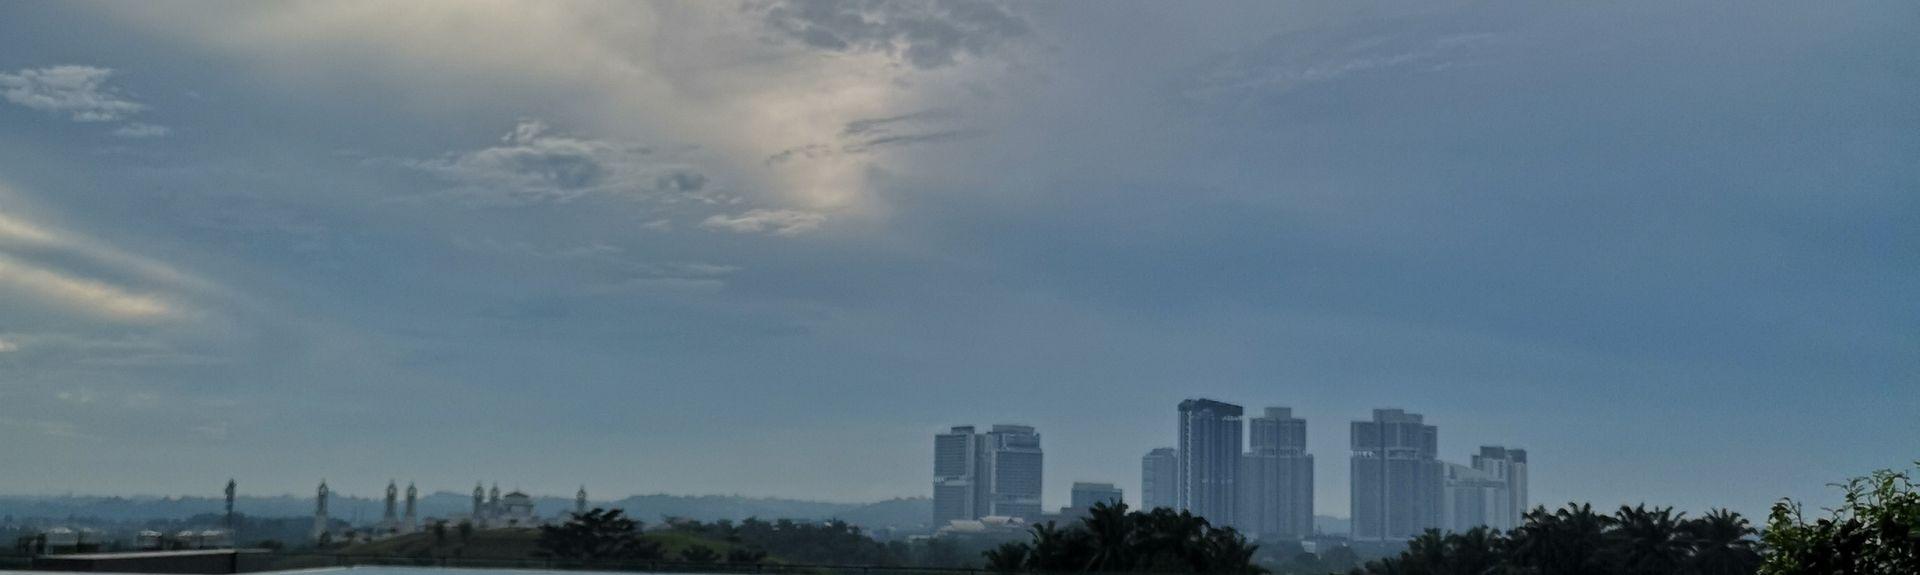 Johor Bahru, Johor, Malaysia